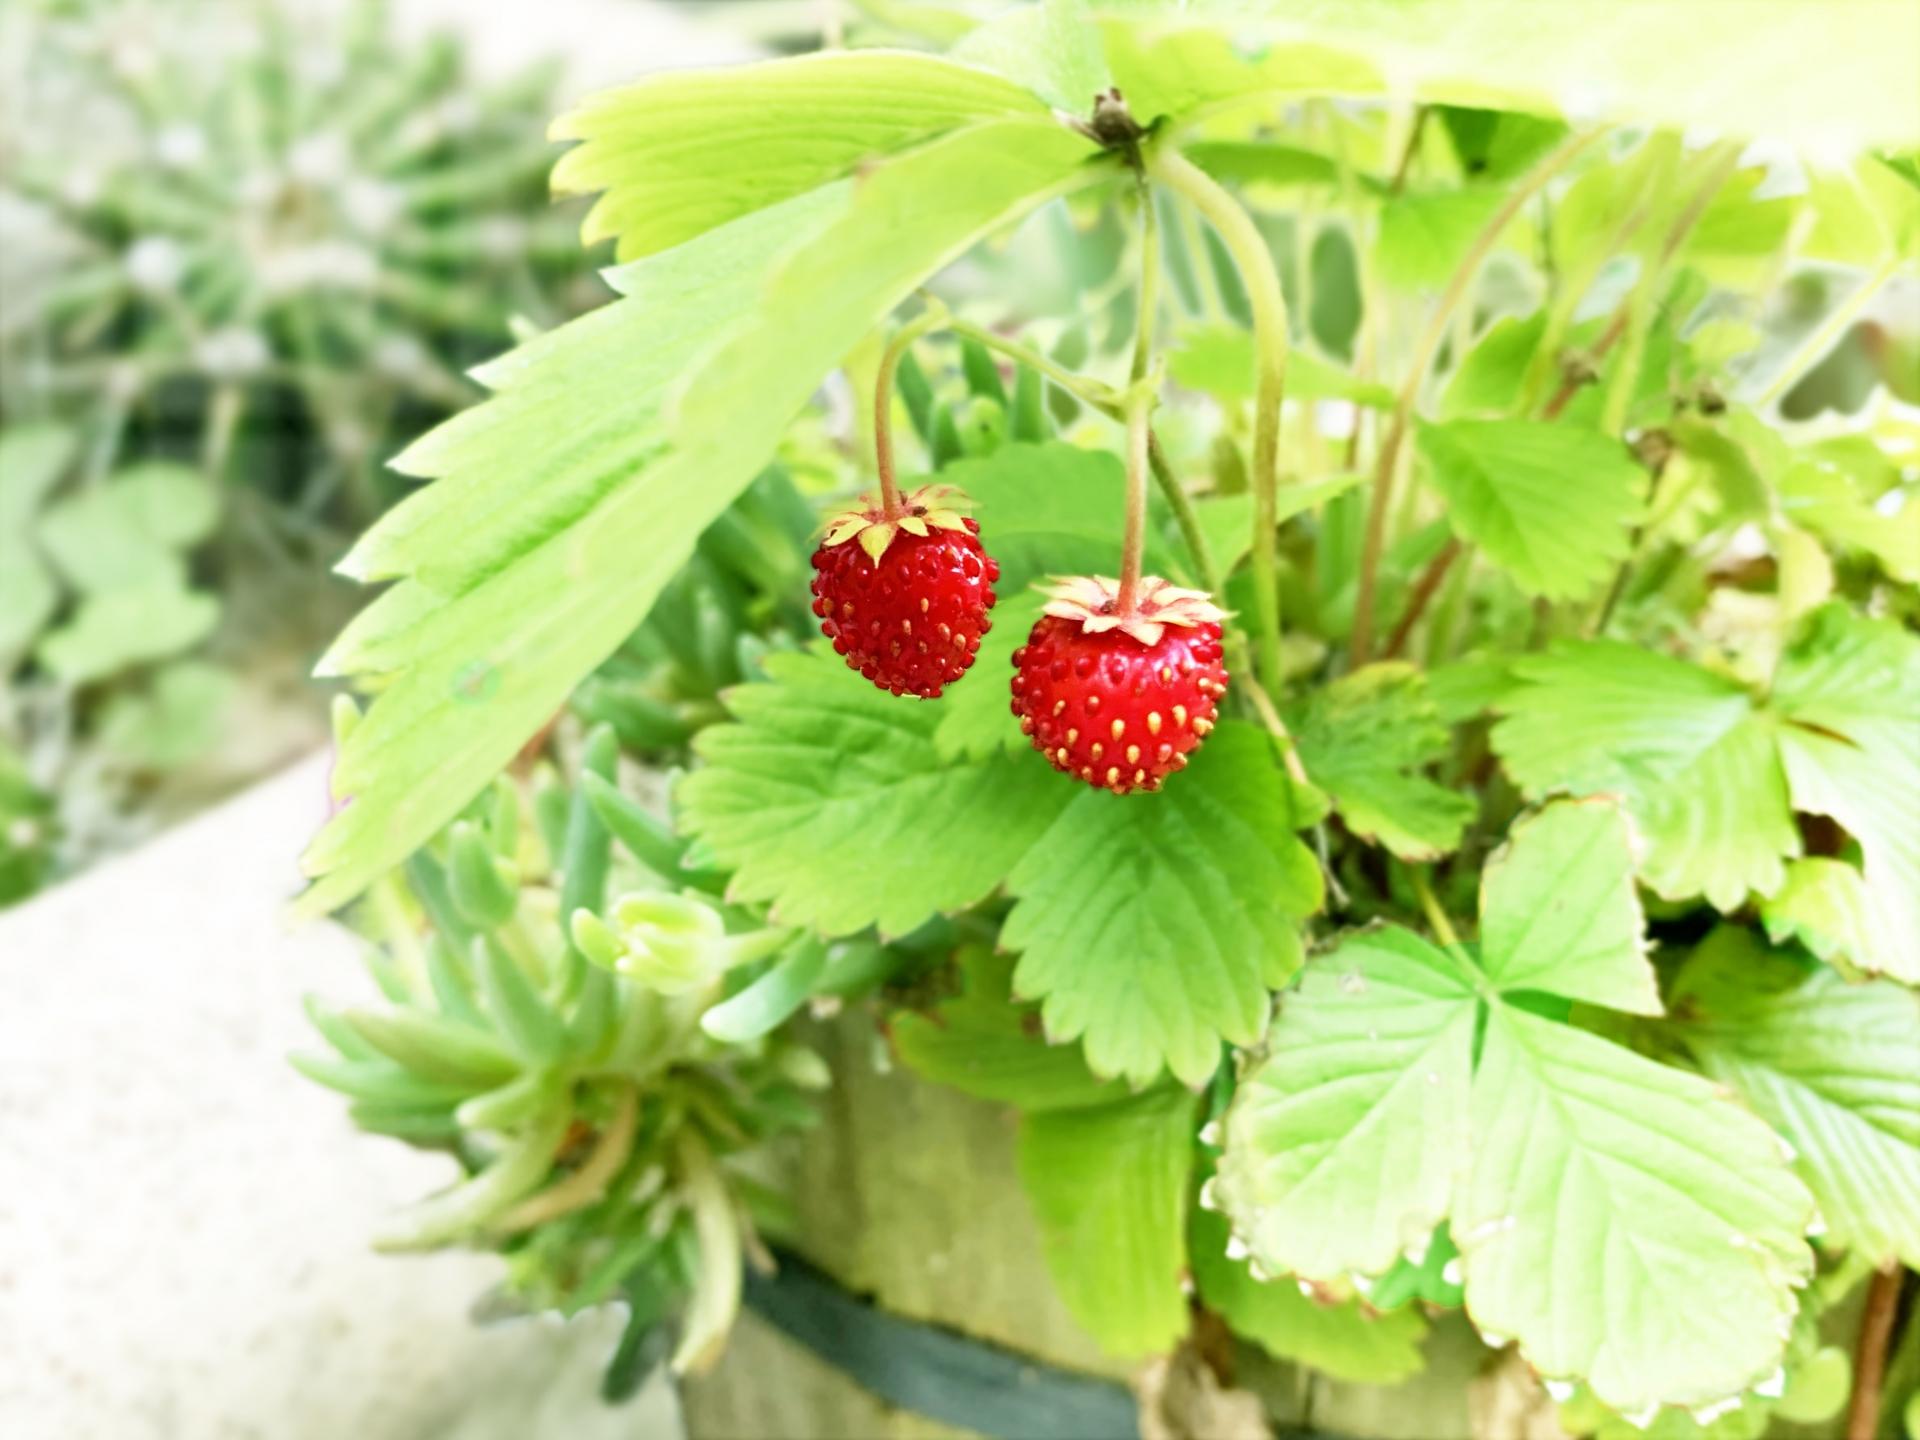 ガーデン用品屋さんの花図鑑 ワイルドストロベリー